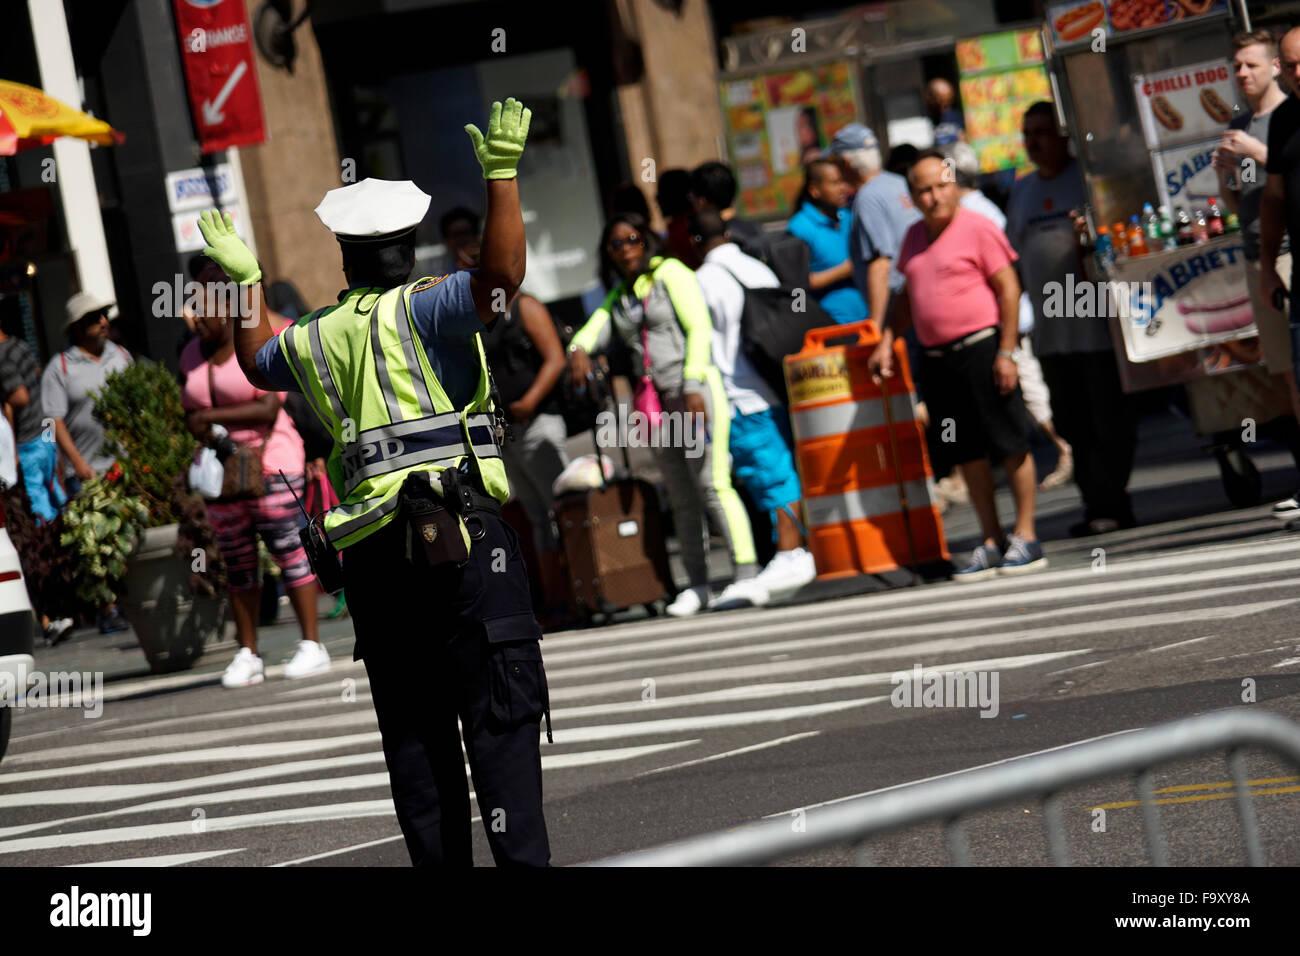 Mujer Policía dirigiendo el tráfico cerca de Herald Square en Midtown Manhattan, Ciudad de Nueva York, Imagen De Stock